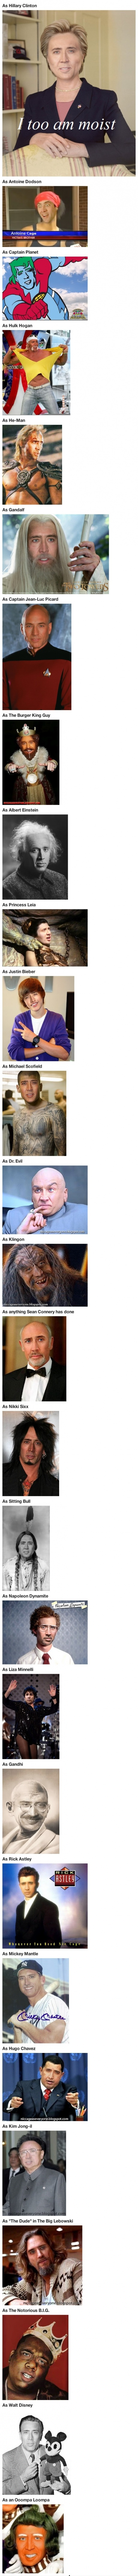 Nicolas Cage pode ser quem ele quiser! uheaoiueahiuae